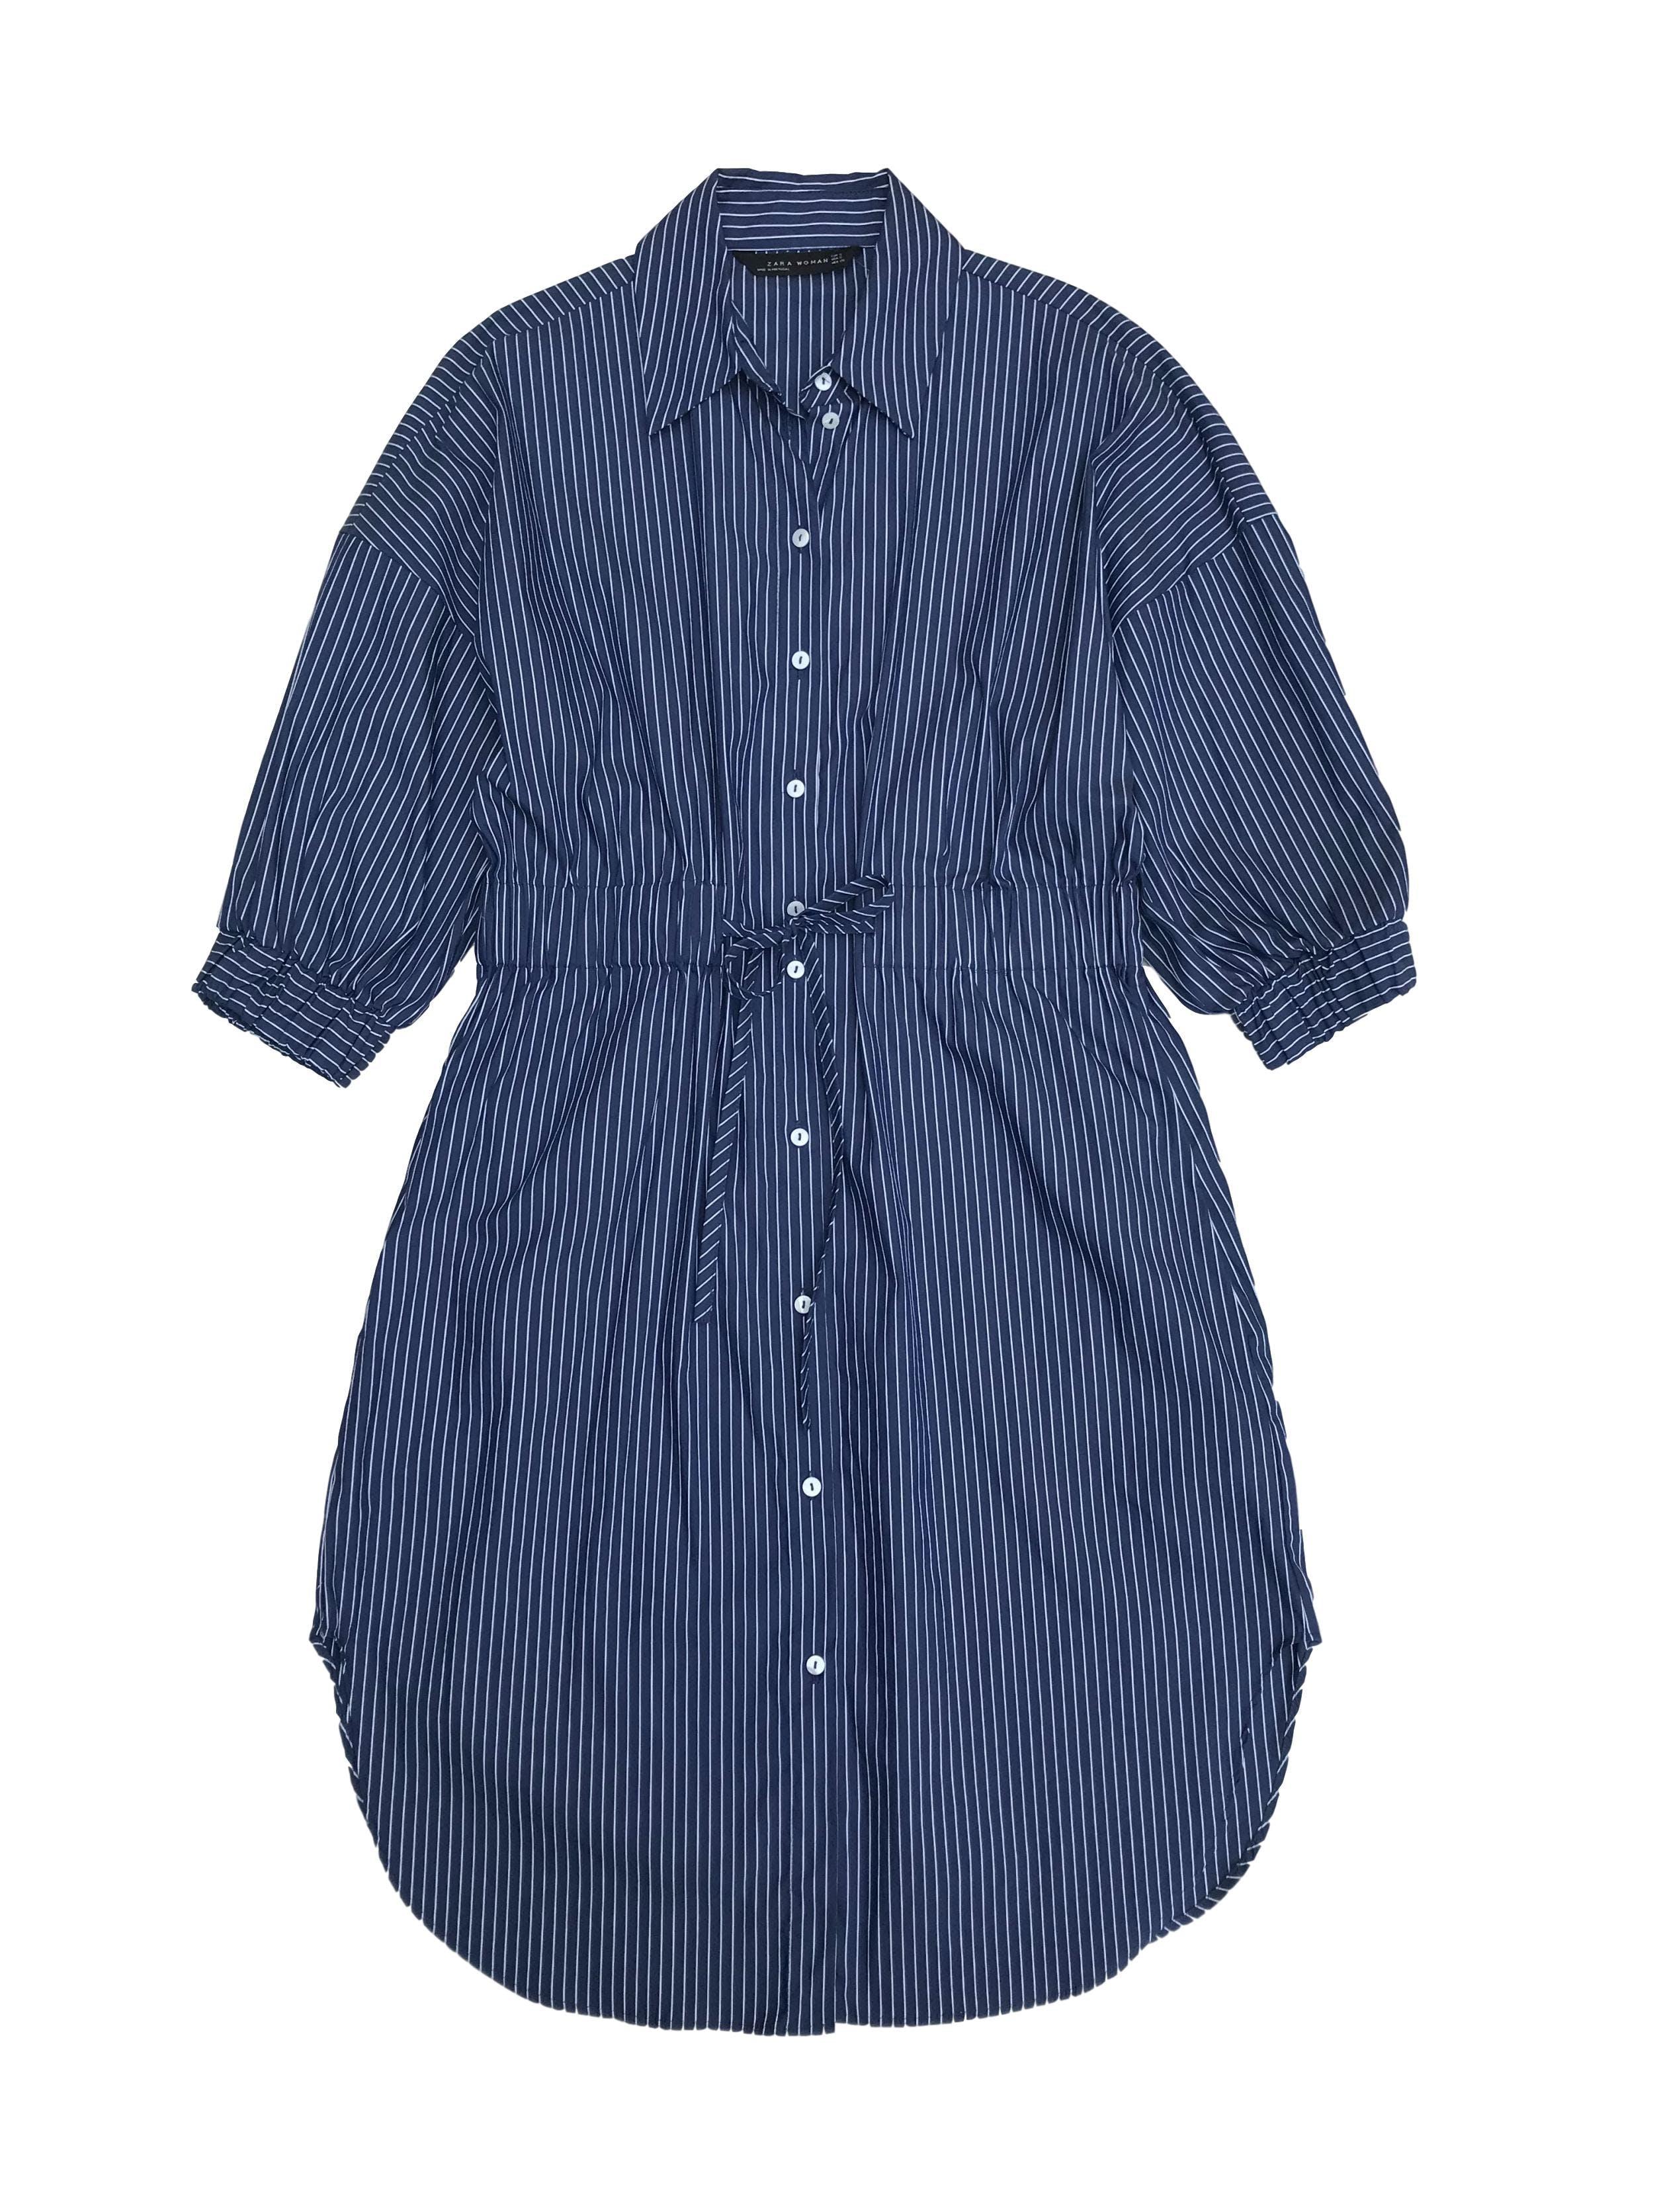 Vestido Zara azul con líneas blancas, estilo camisero 81% algodón, manga 3/4 con elástico, cintura regulable (medida máxima 80cm). Largo 95cm. Nuevo